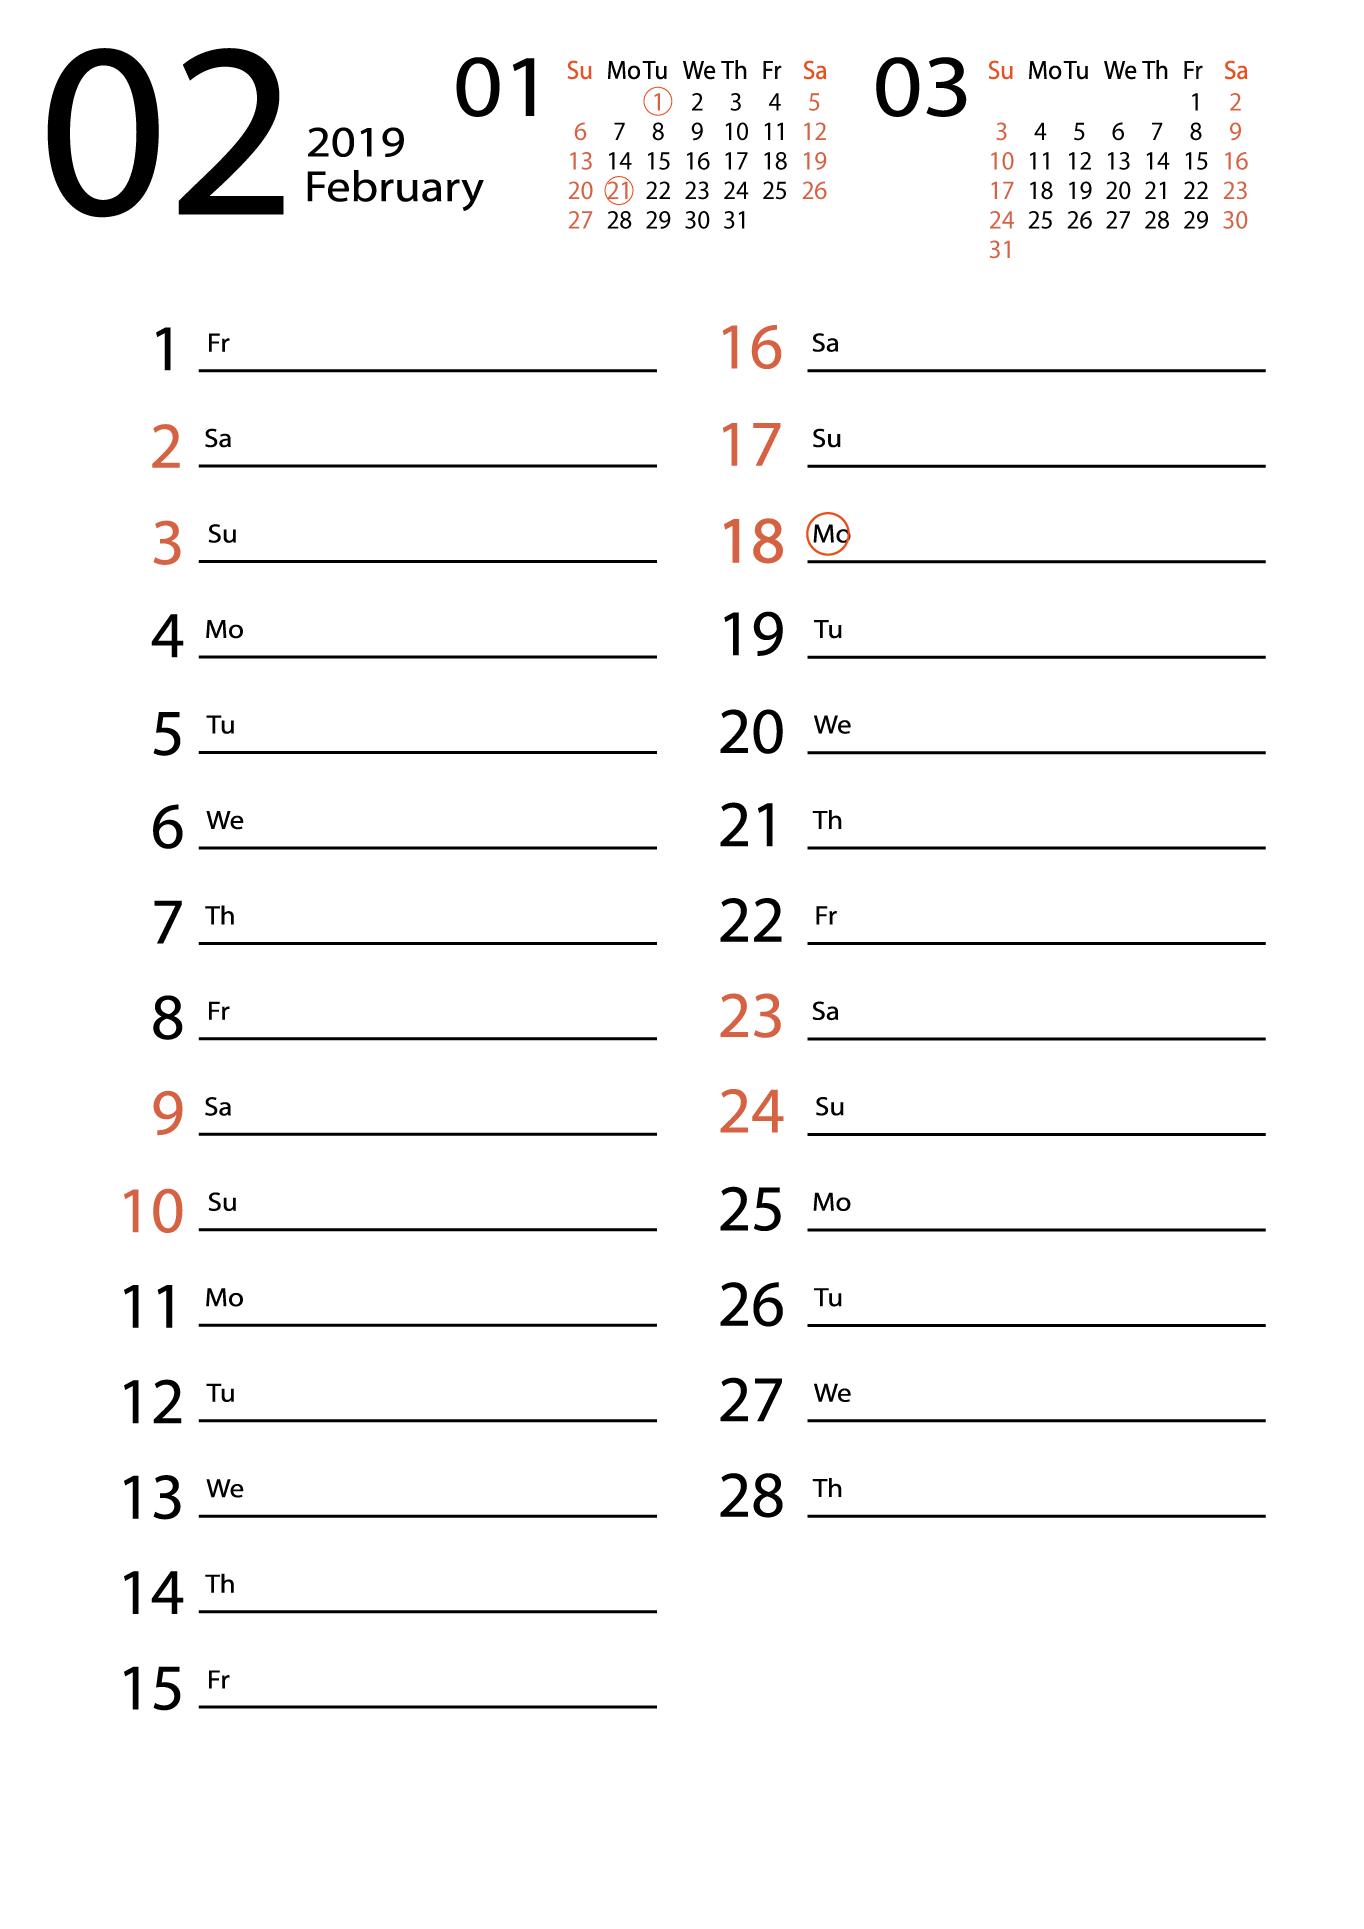 February 2019 calendar for notes